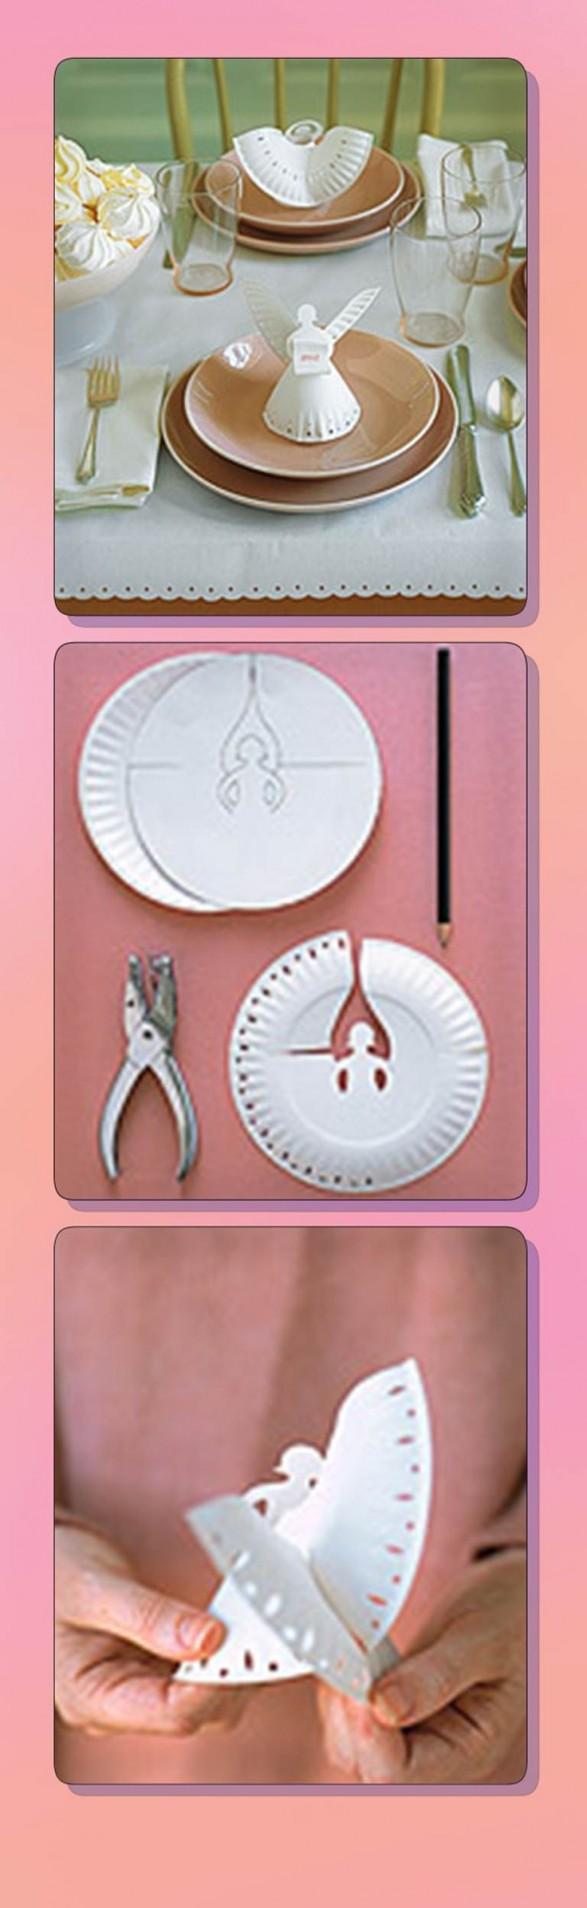 Ángel decorativo con plato descartable